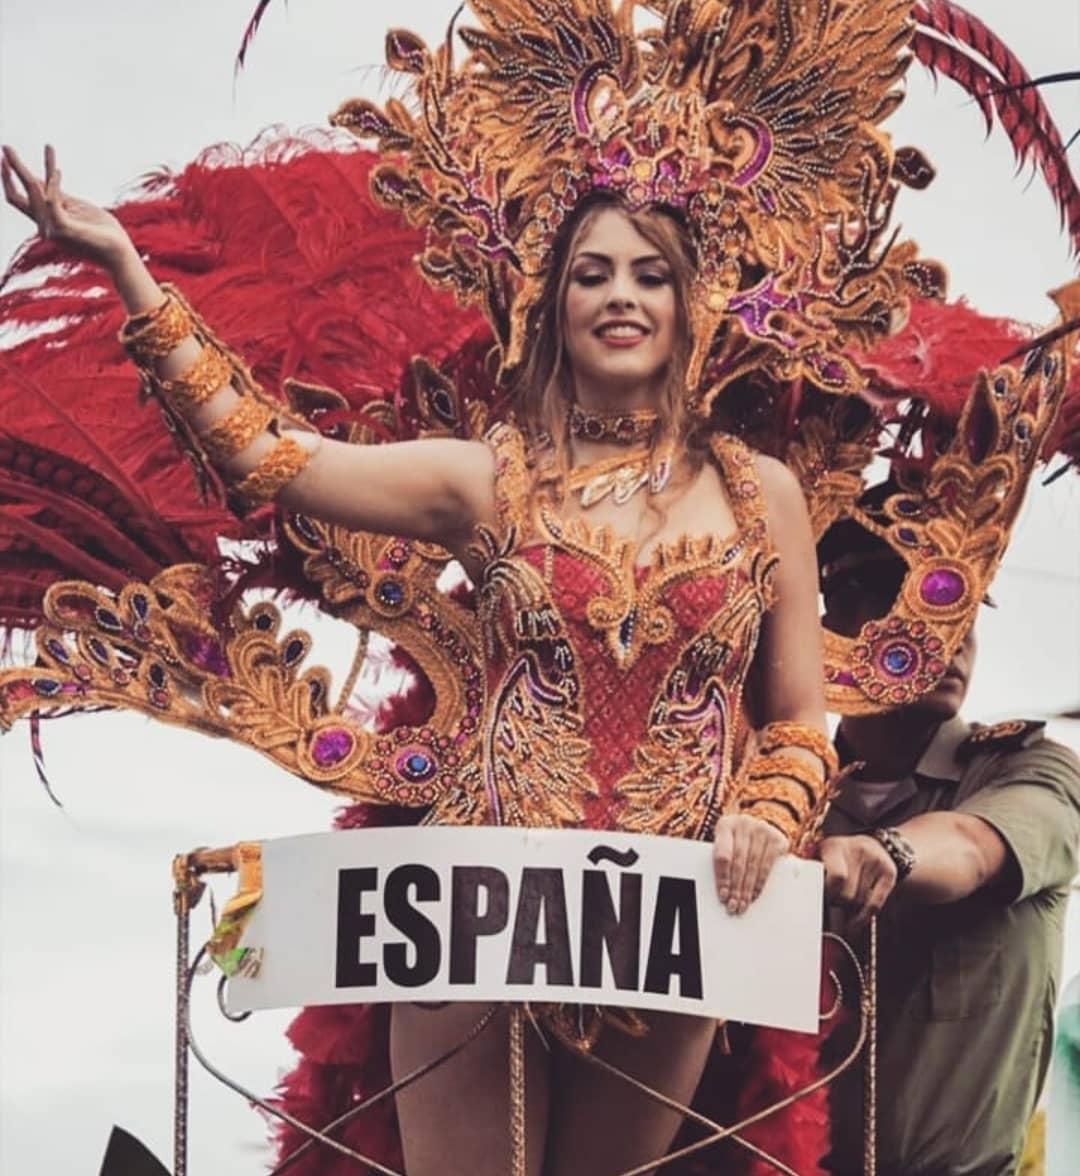 veronica selva, espana para reynado internacional cafe 2019. - Página 3 47690613